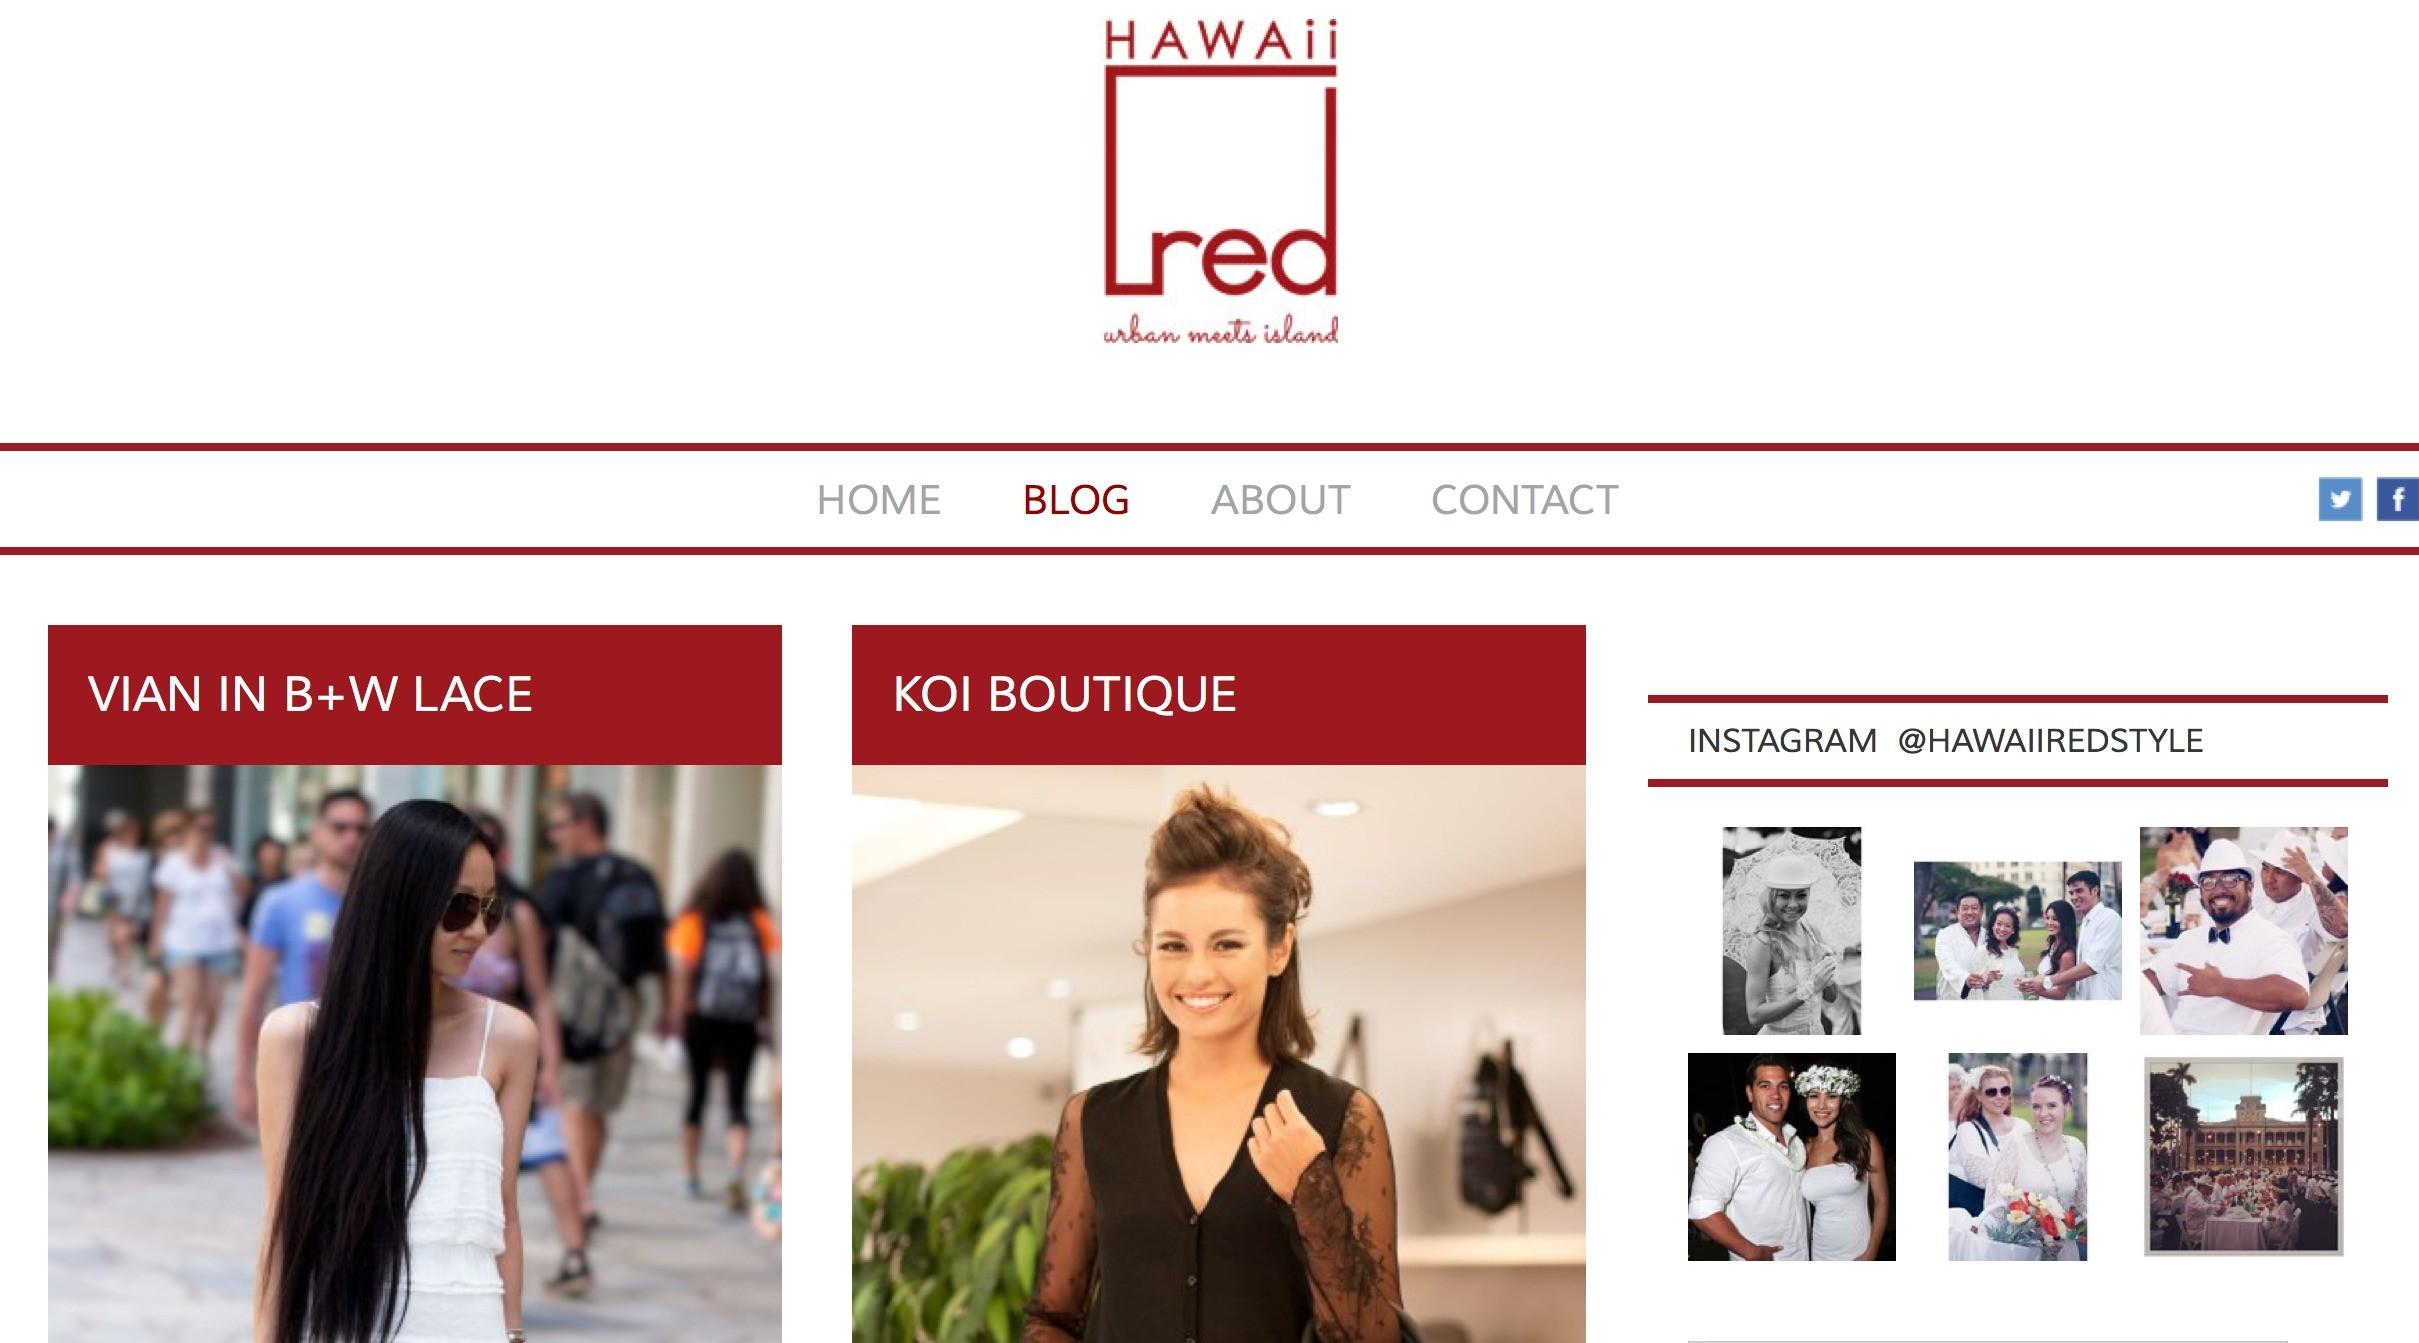 hawaii red blog